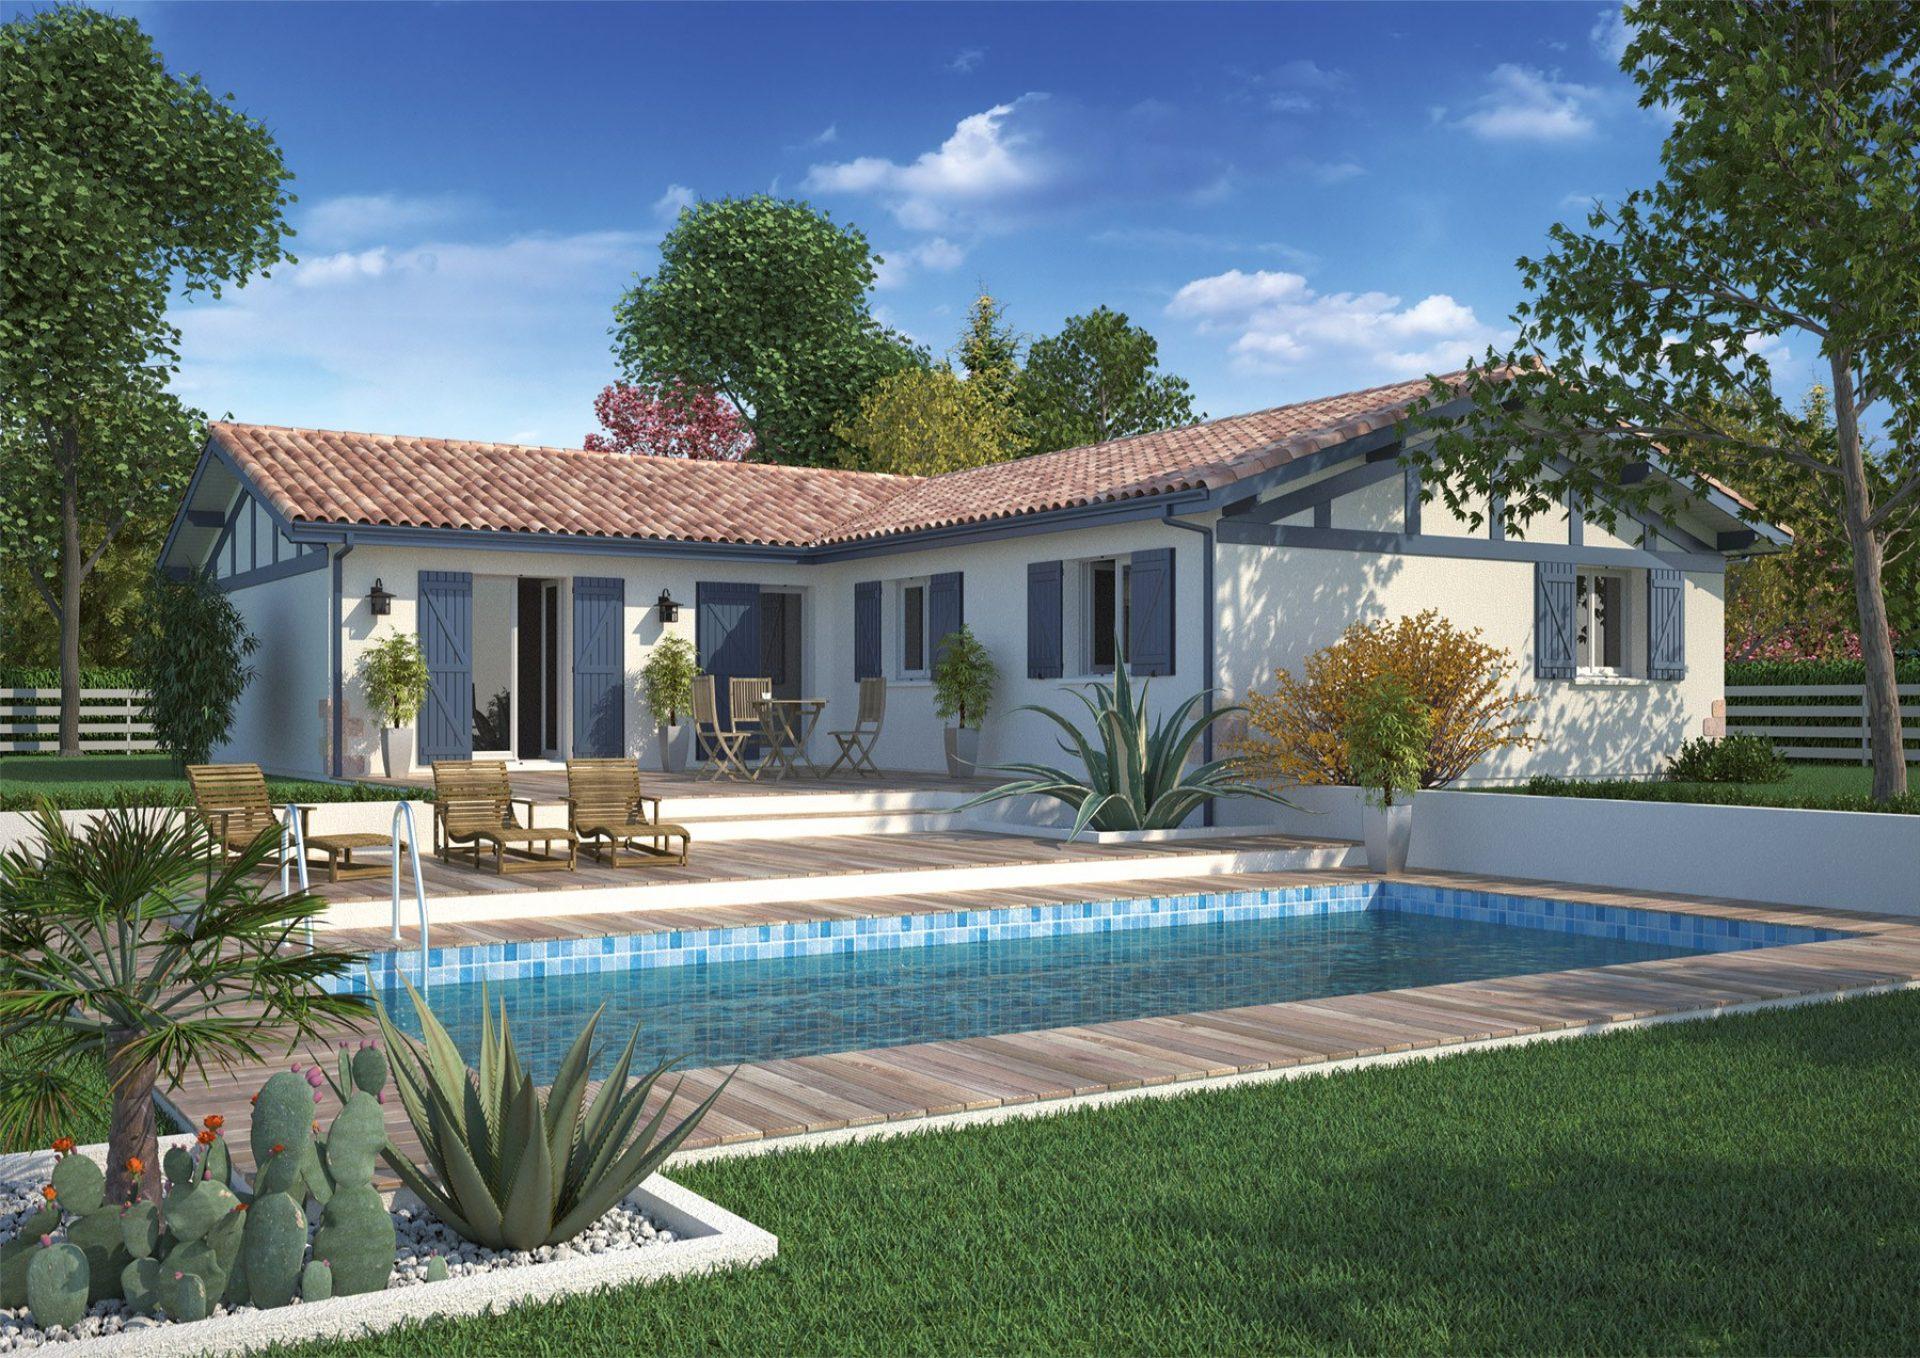 La maison Atenea | 100 à 125 m² | 3 à 4 chambres